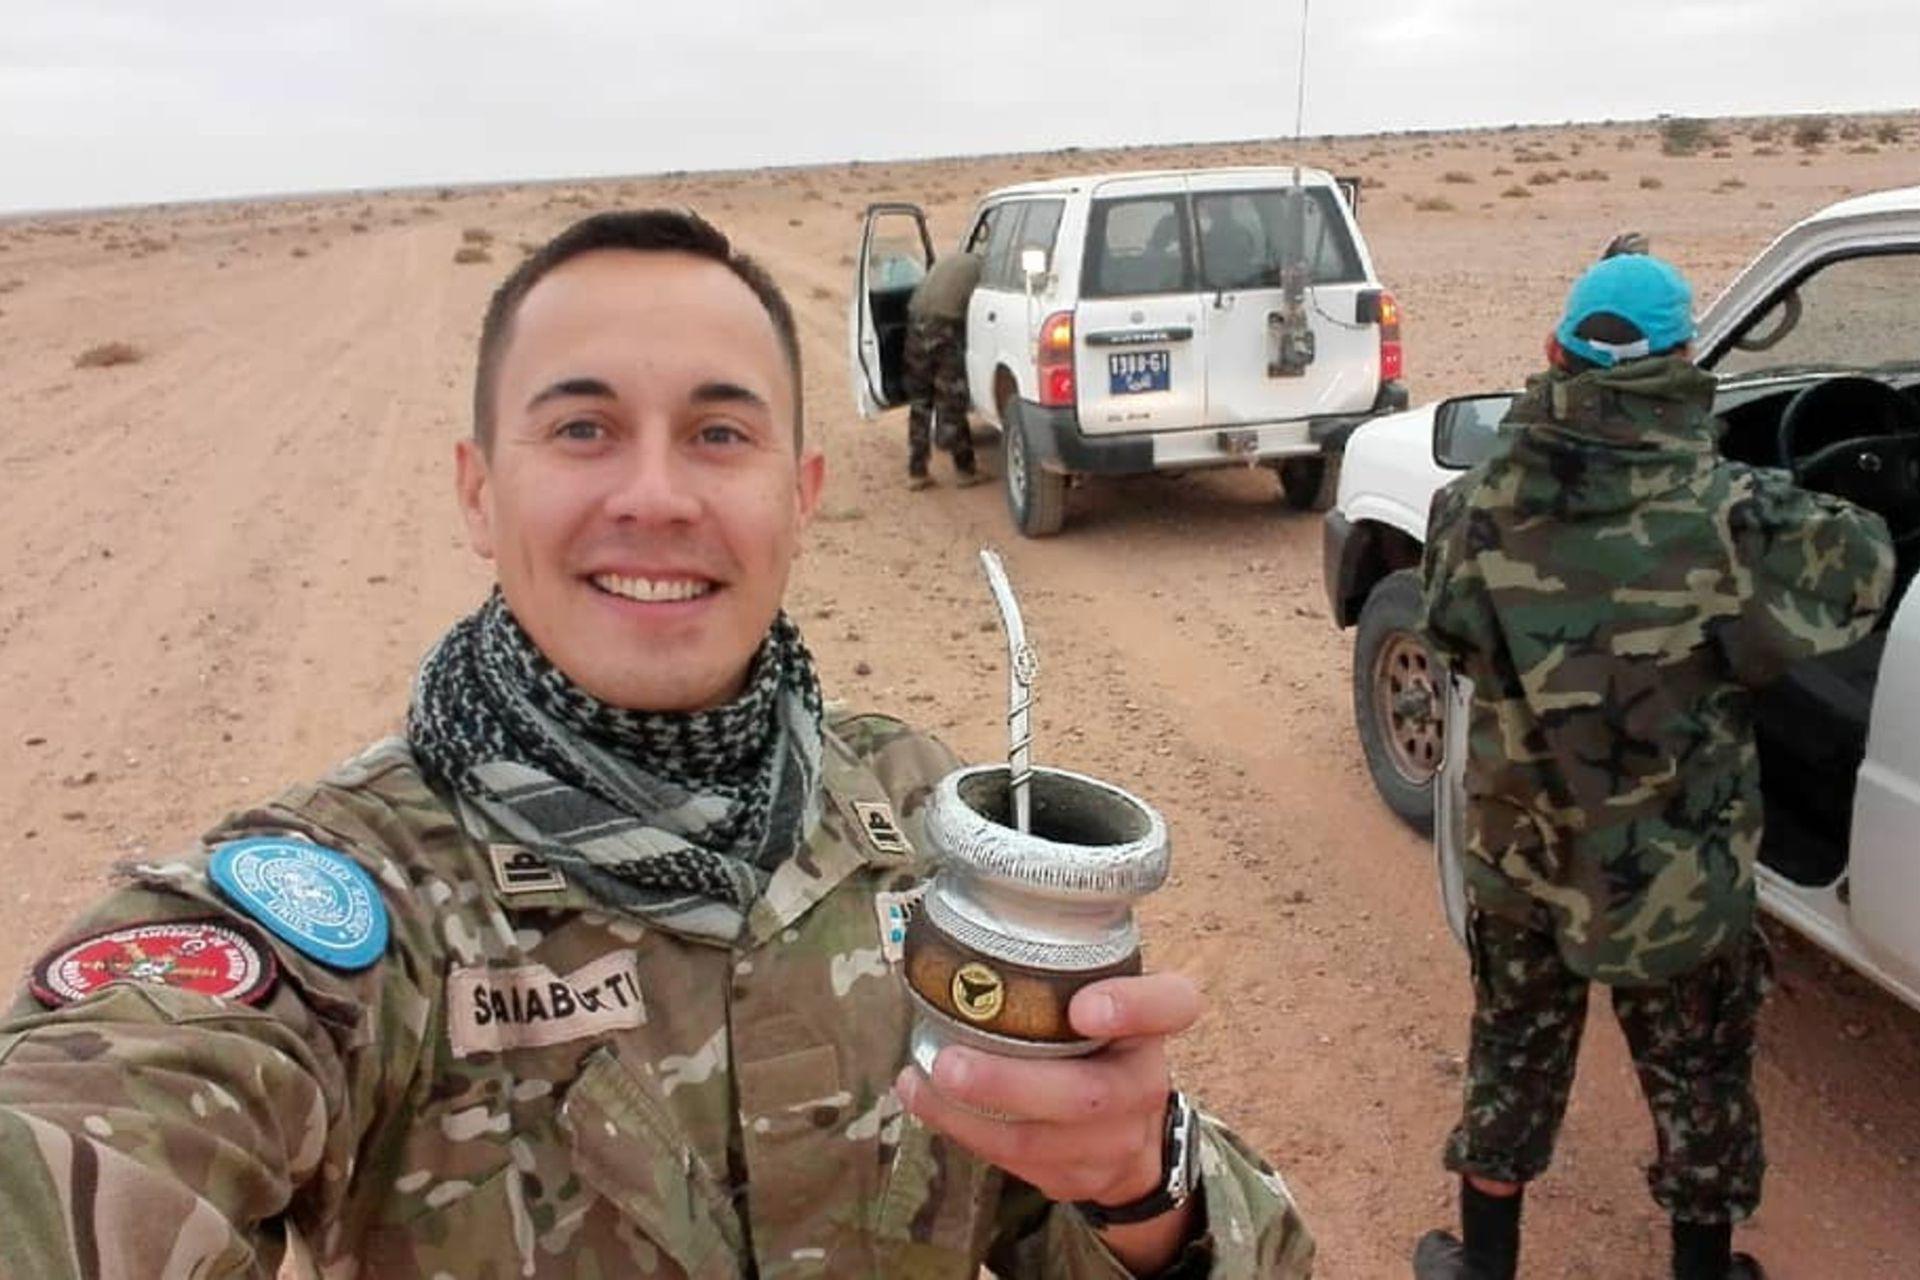 César Scarabotti está hace un año desplegado en el Sahara Occidental como observador militar